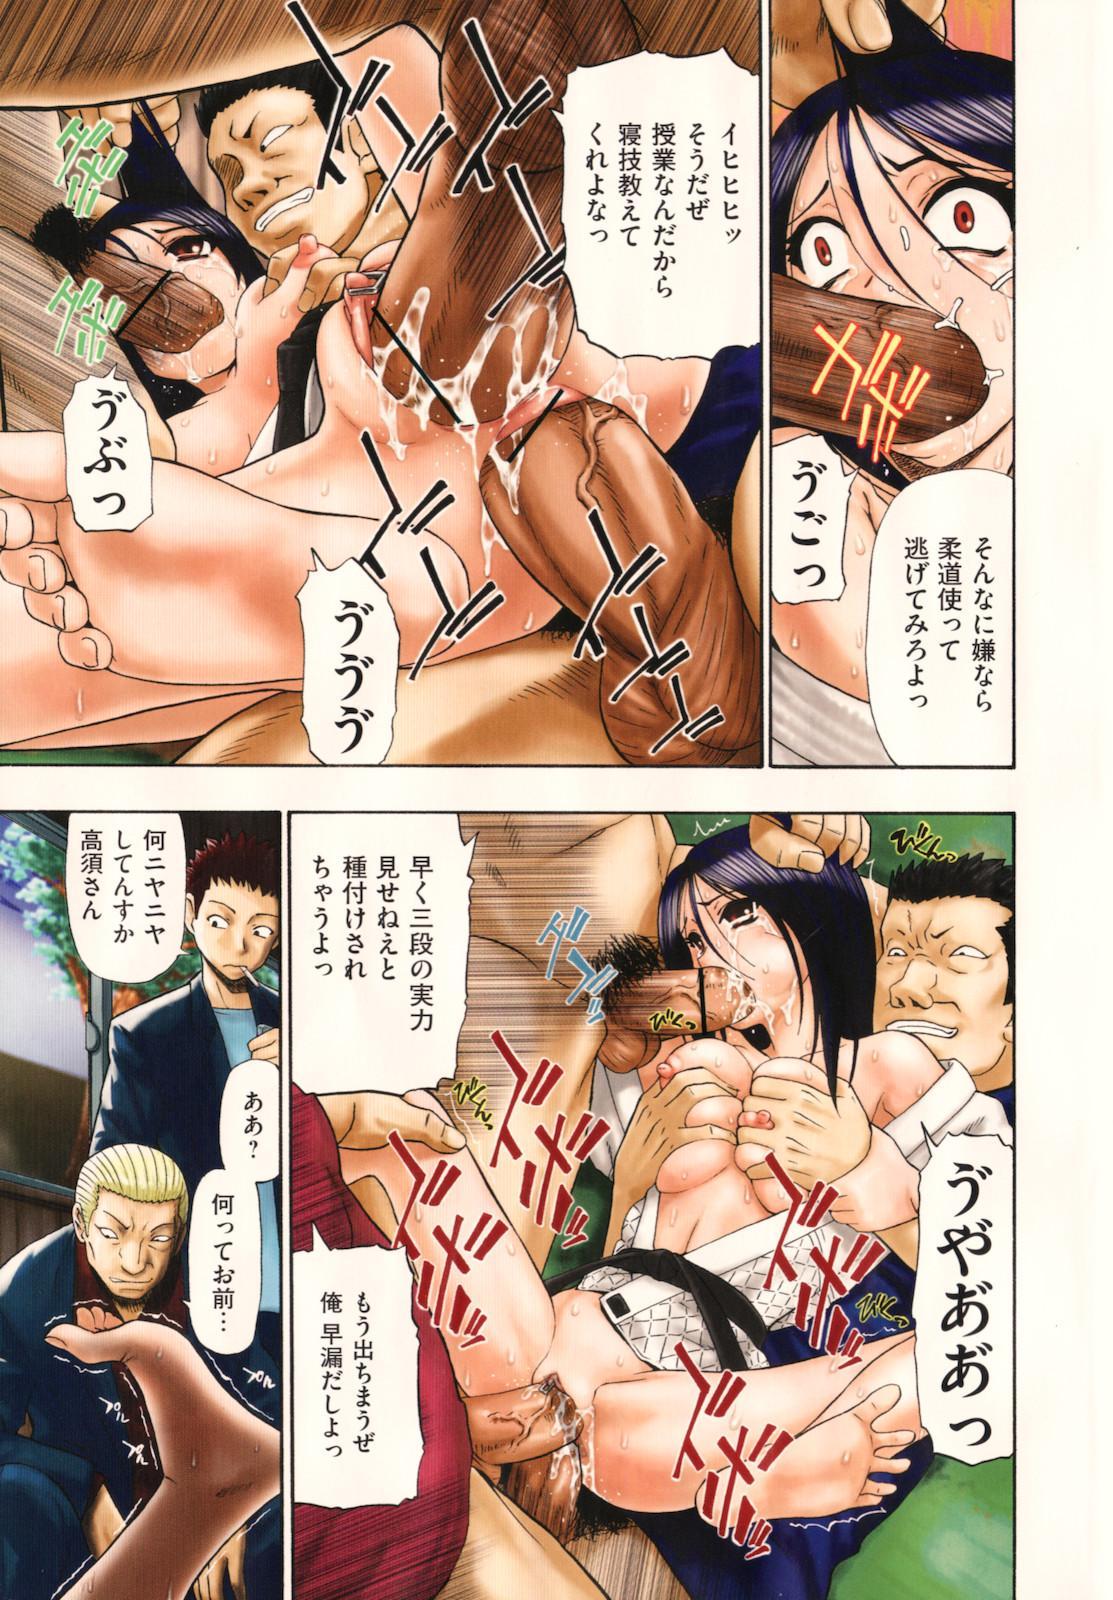 Hitodenashi no Utage - Veranstaltungsräume von Brute 6